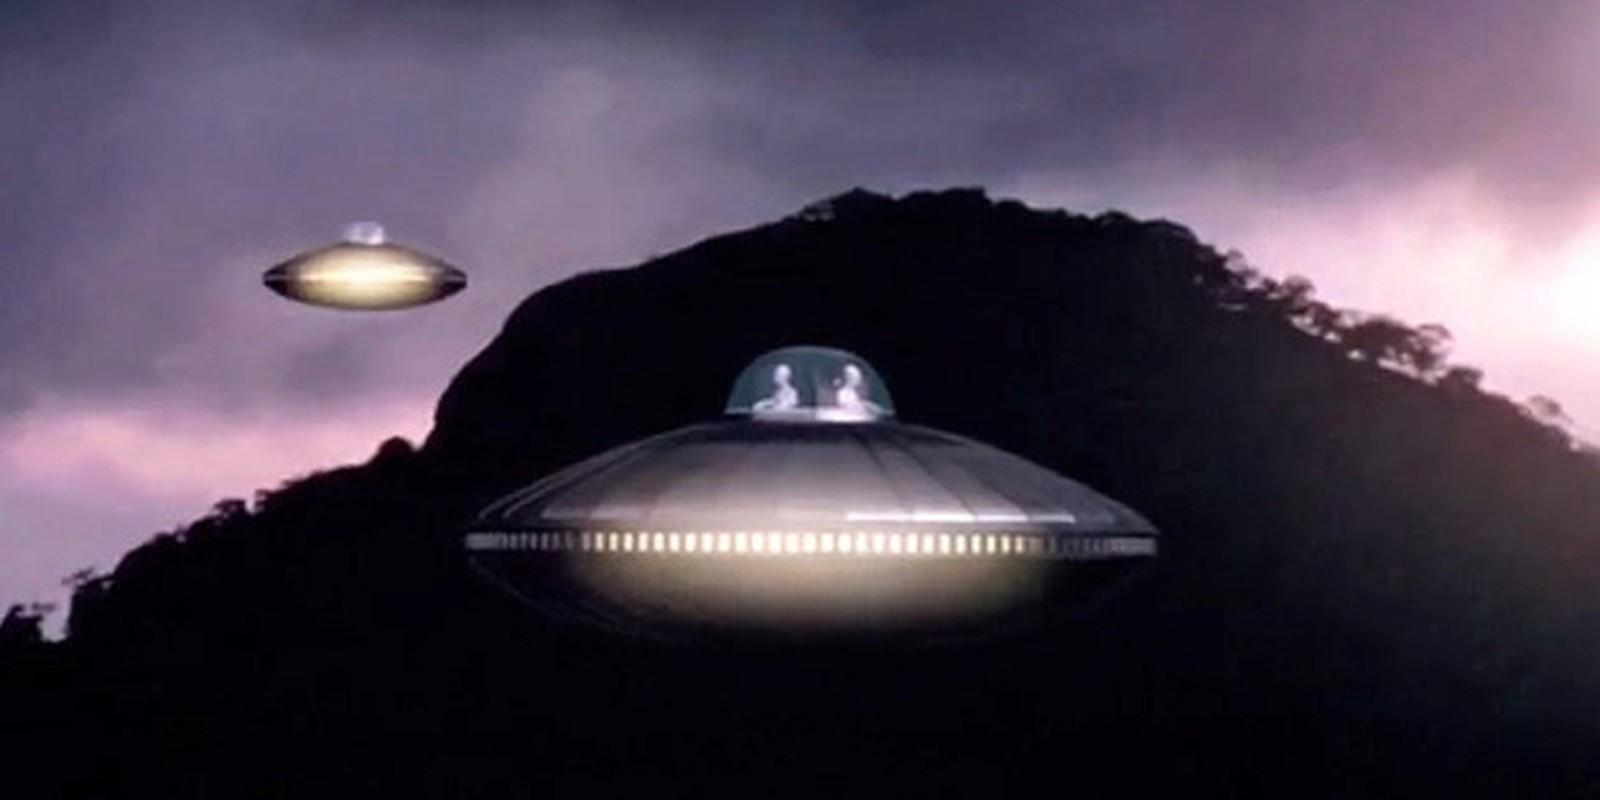 Cuu phi cong My tiet lo UFO xuat hien tu duoi bien-Hinh-10